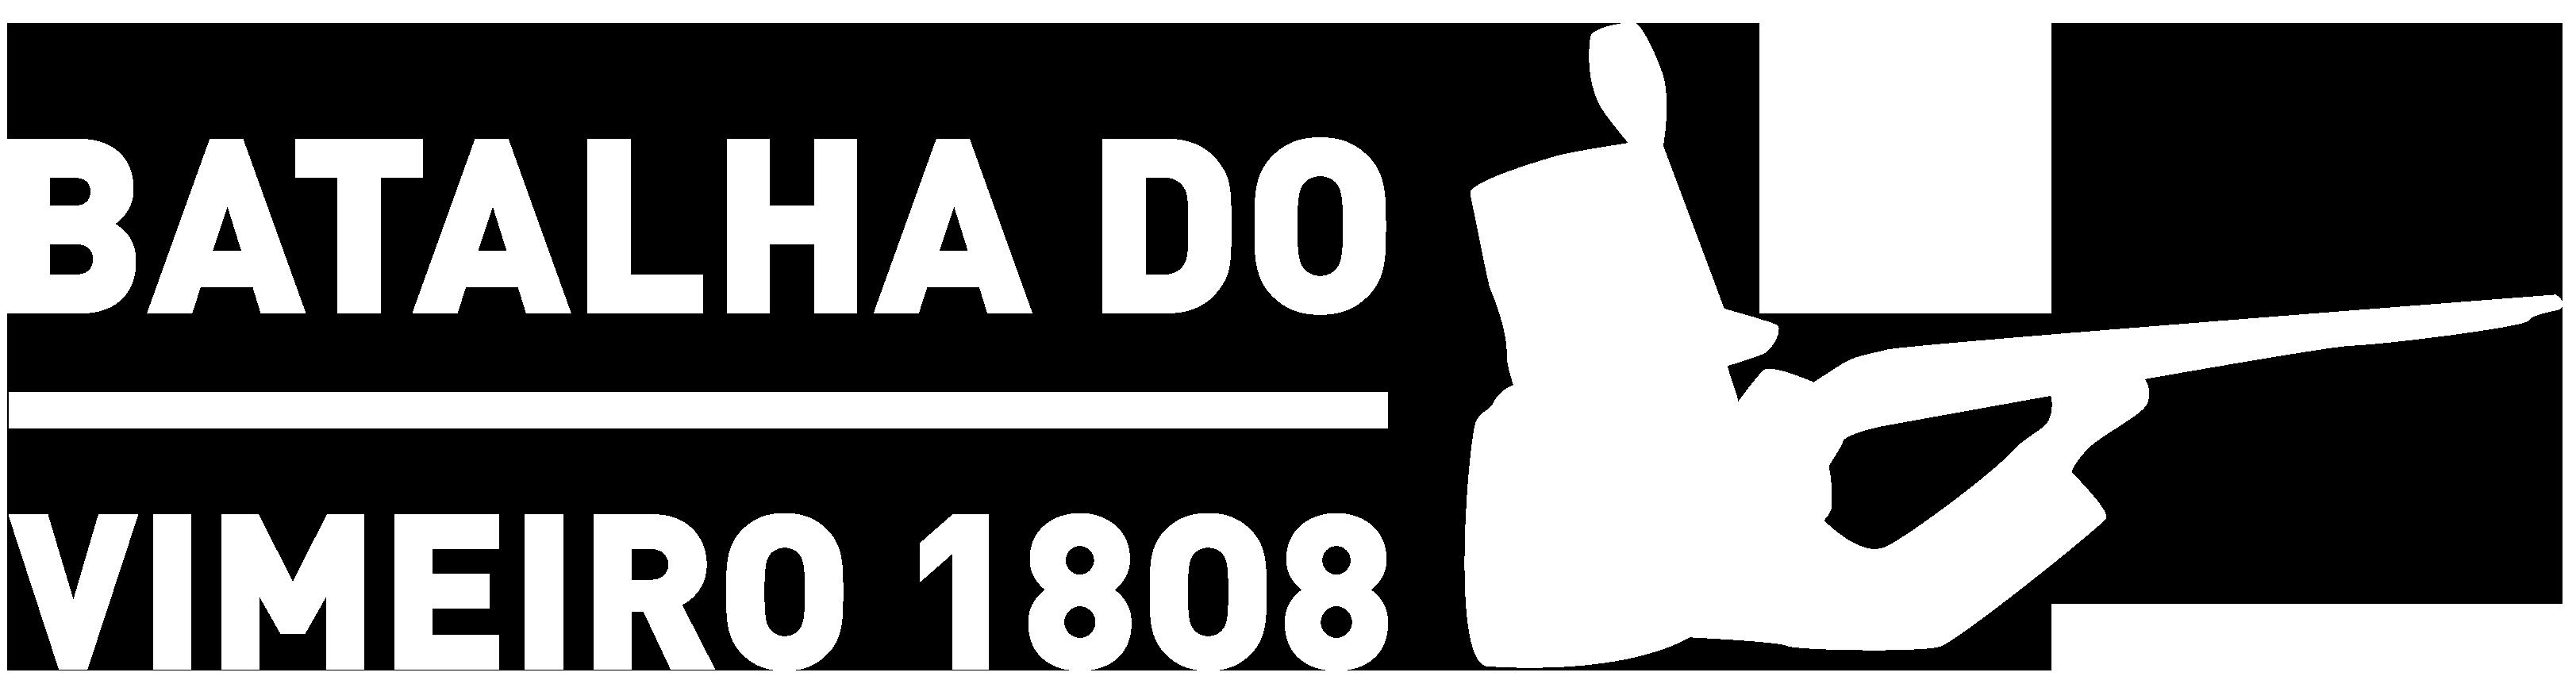 Batalha do Vimeiro 1808